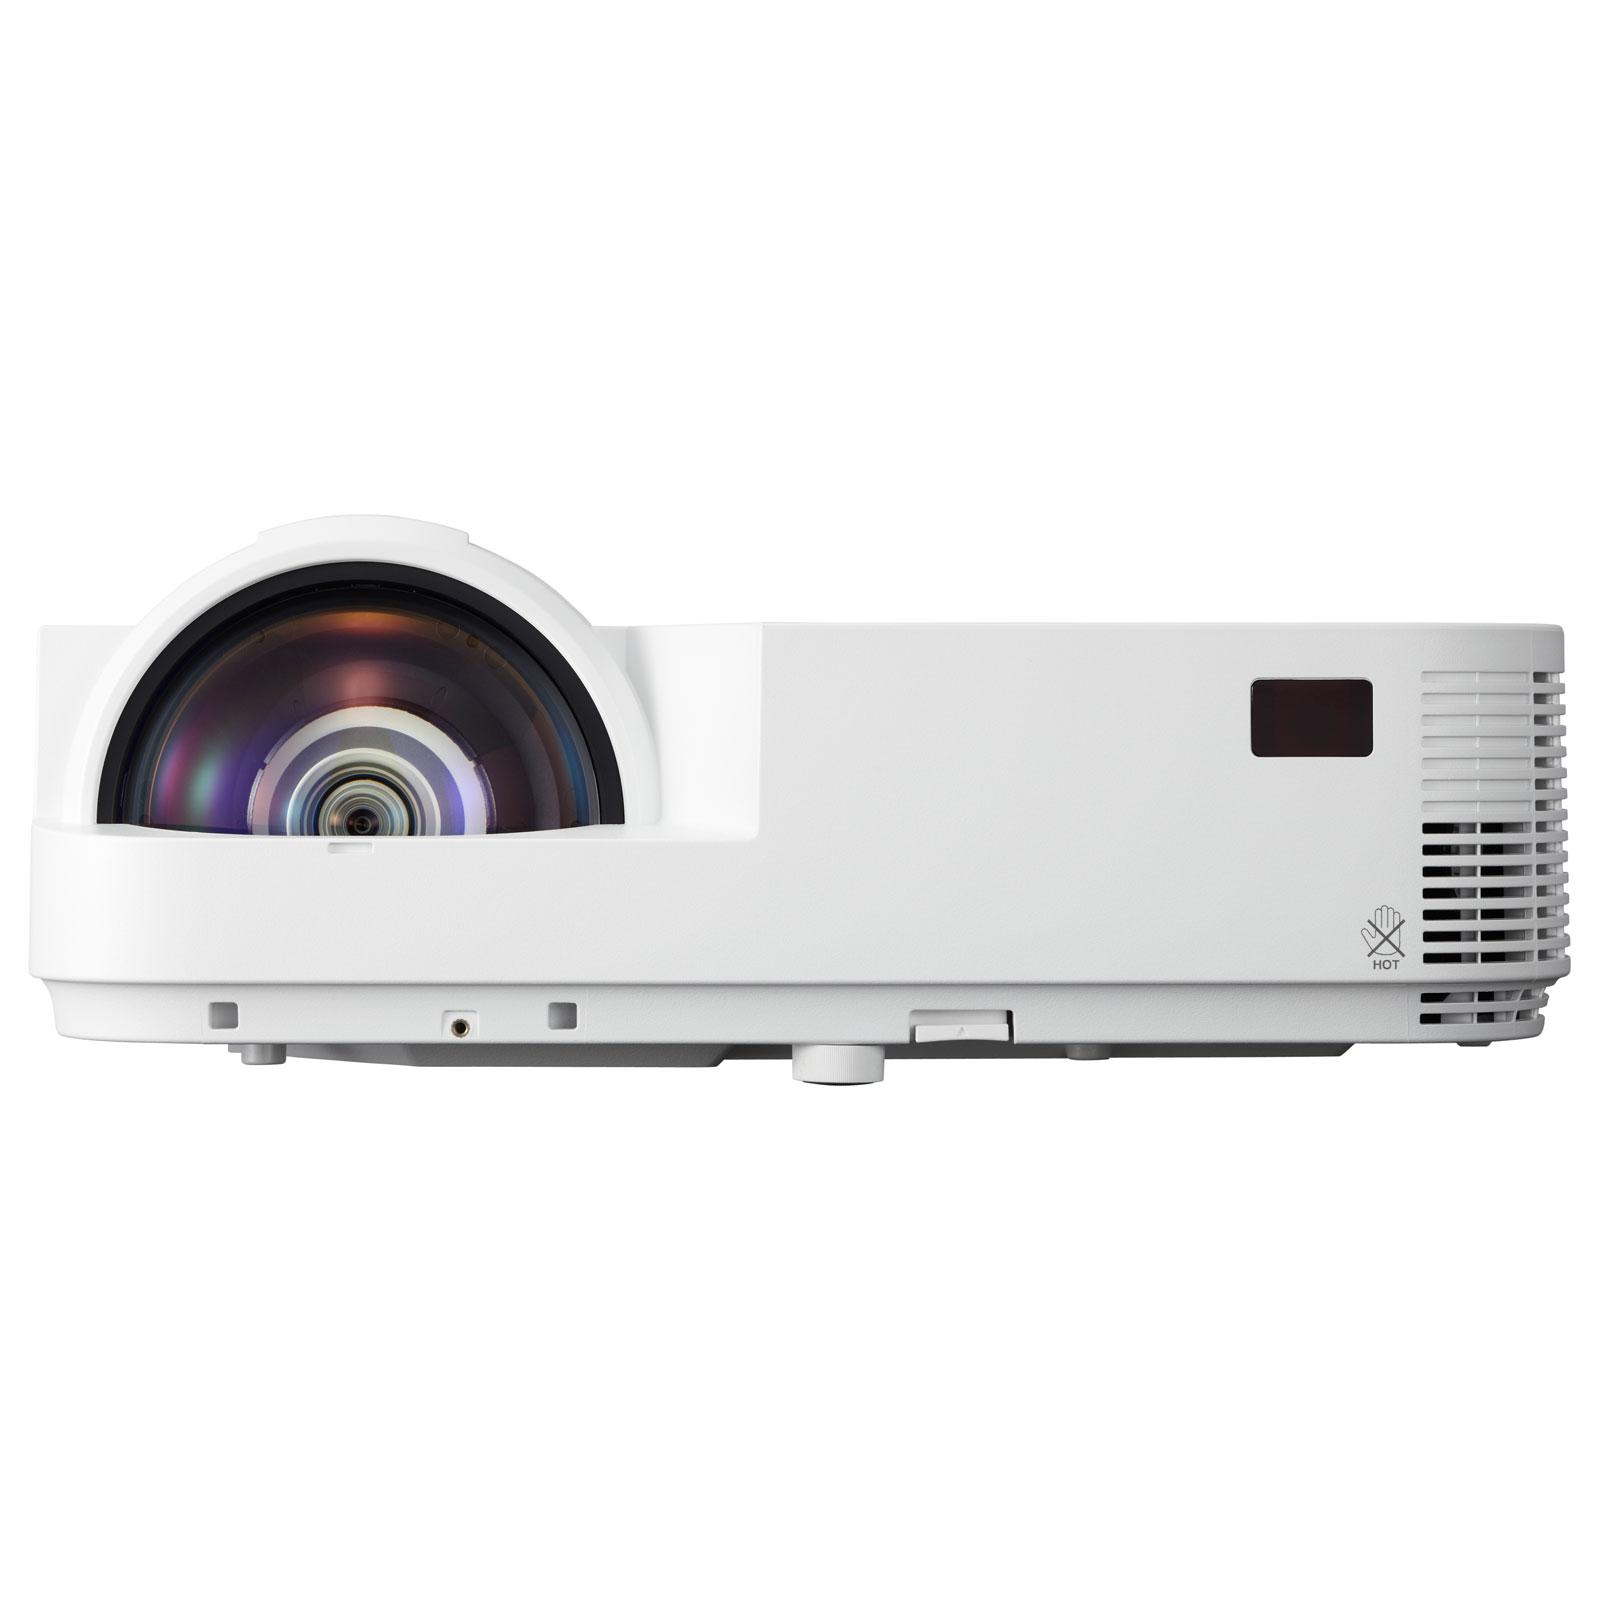 Vidéoprojecteur NEC M353WS Vidéoprojecteur DLP WXGA 3500 Lumens - Focale courte - VGA/HDMI/USB/RJ45 - 3D Ready (garantie constructeur 3 ans sur site / lampe 6 mois ou 1000h)